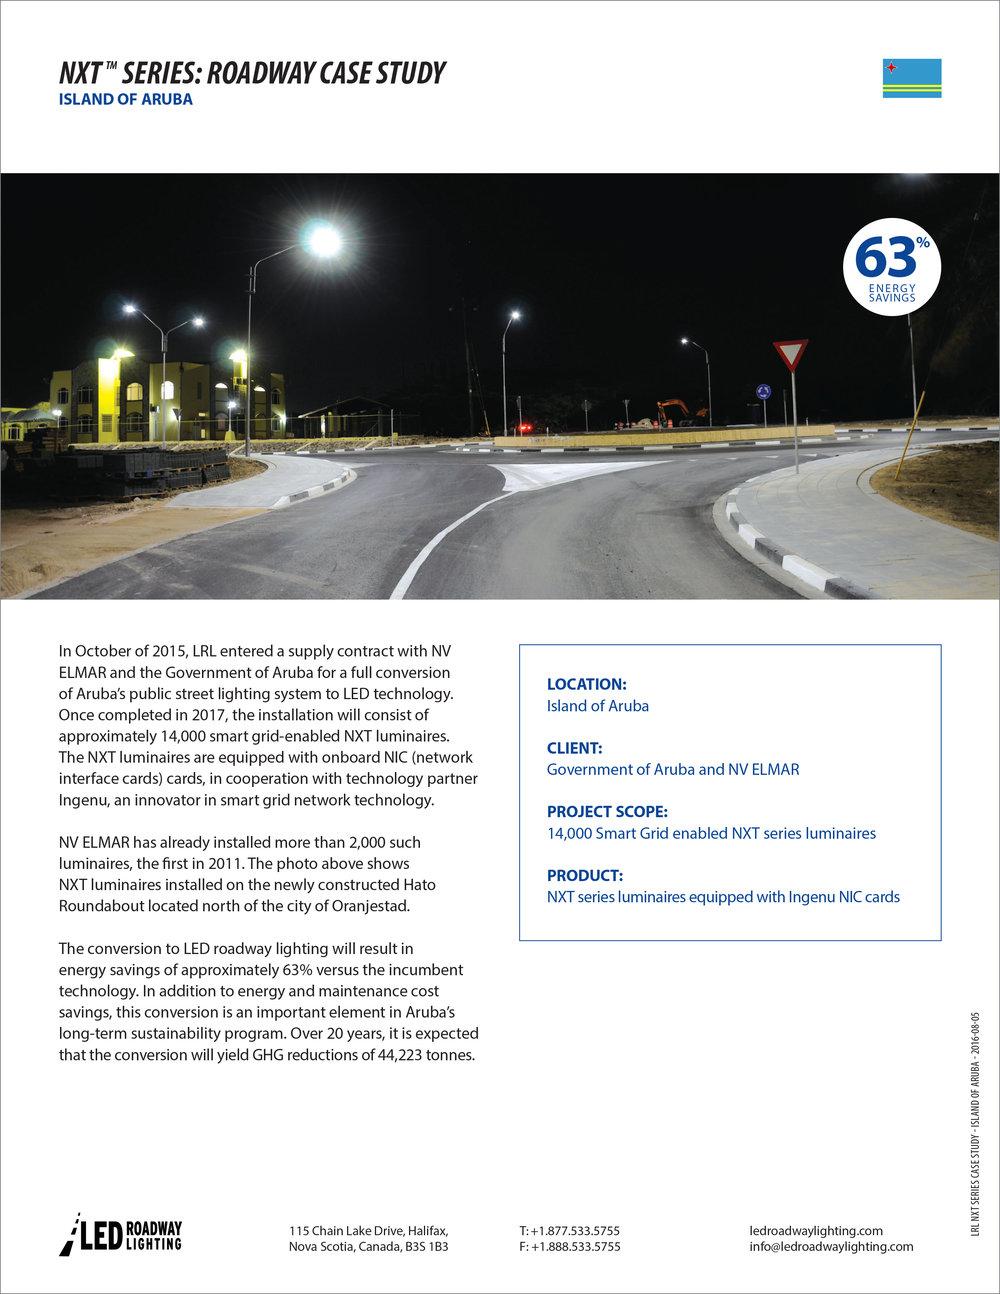 LRL_NXT_Roadway_Case_Study_Aruba_EN-1.jpg